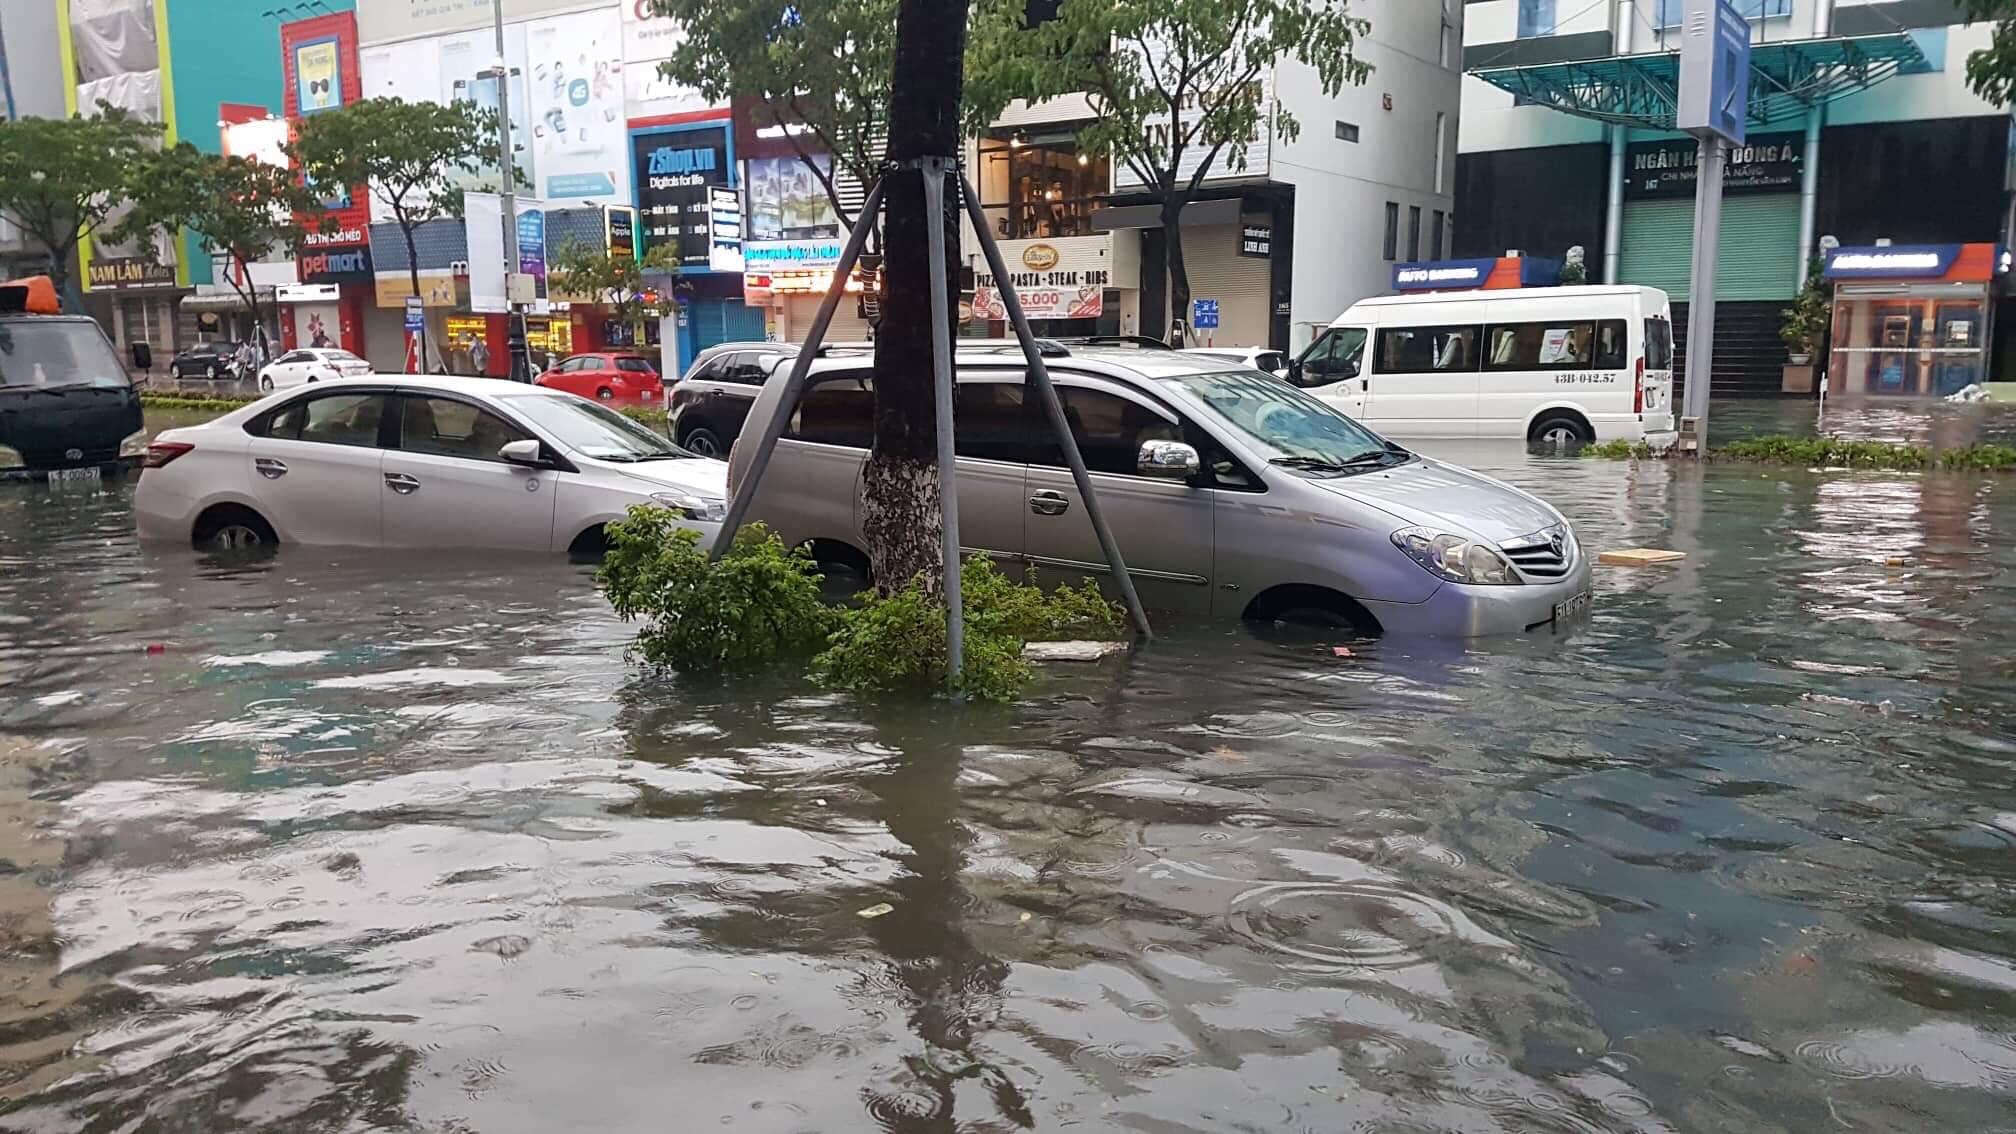 Đà Nẵng - Thành phố đáng sống hóa thành sông (10/12/2018)